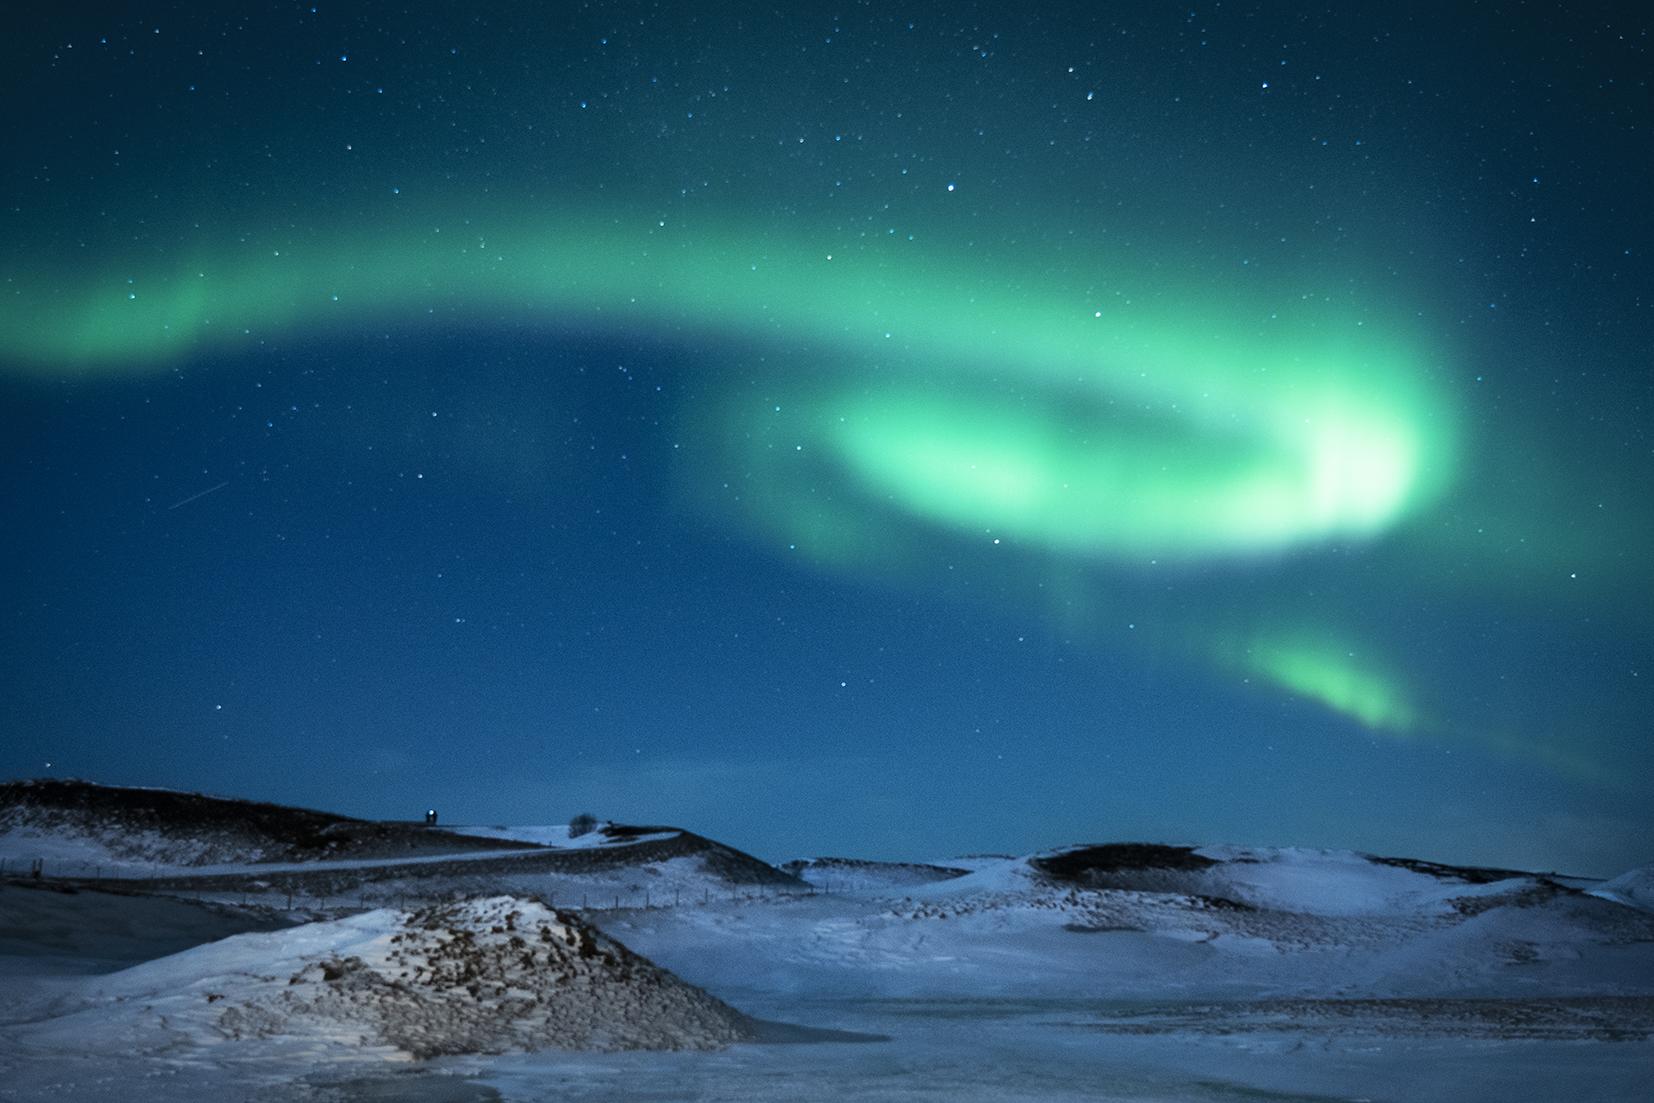 Islande du Nord Mývatn volcans lac étoiles aurores boréales